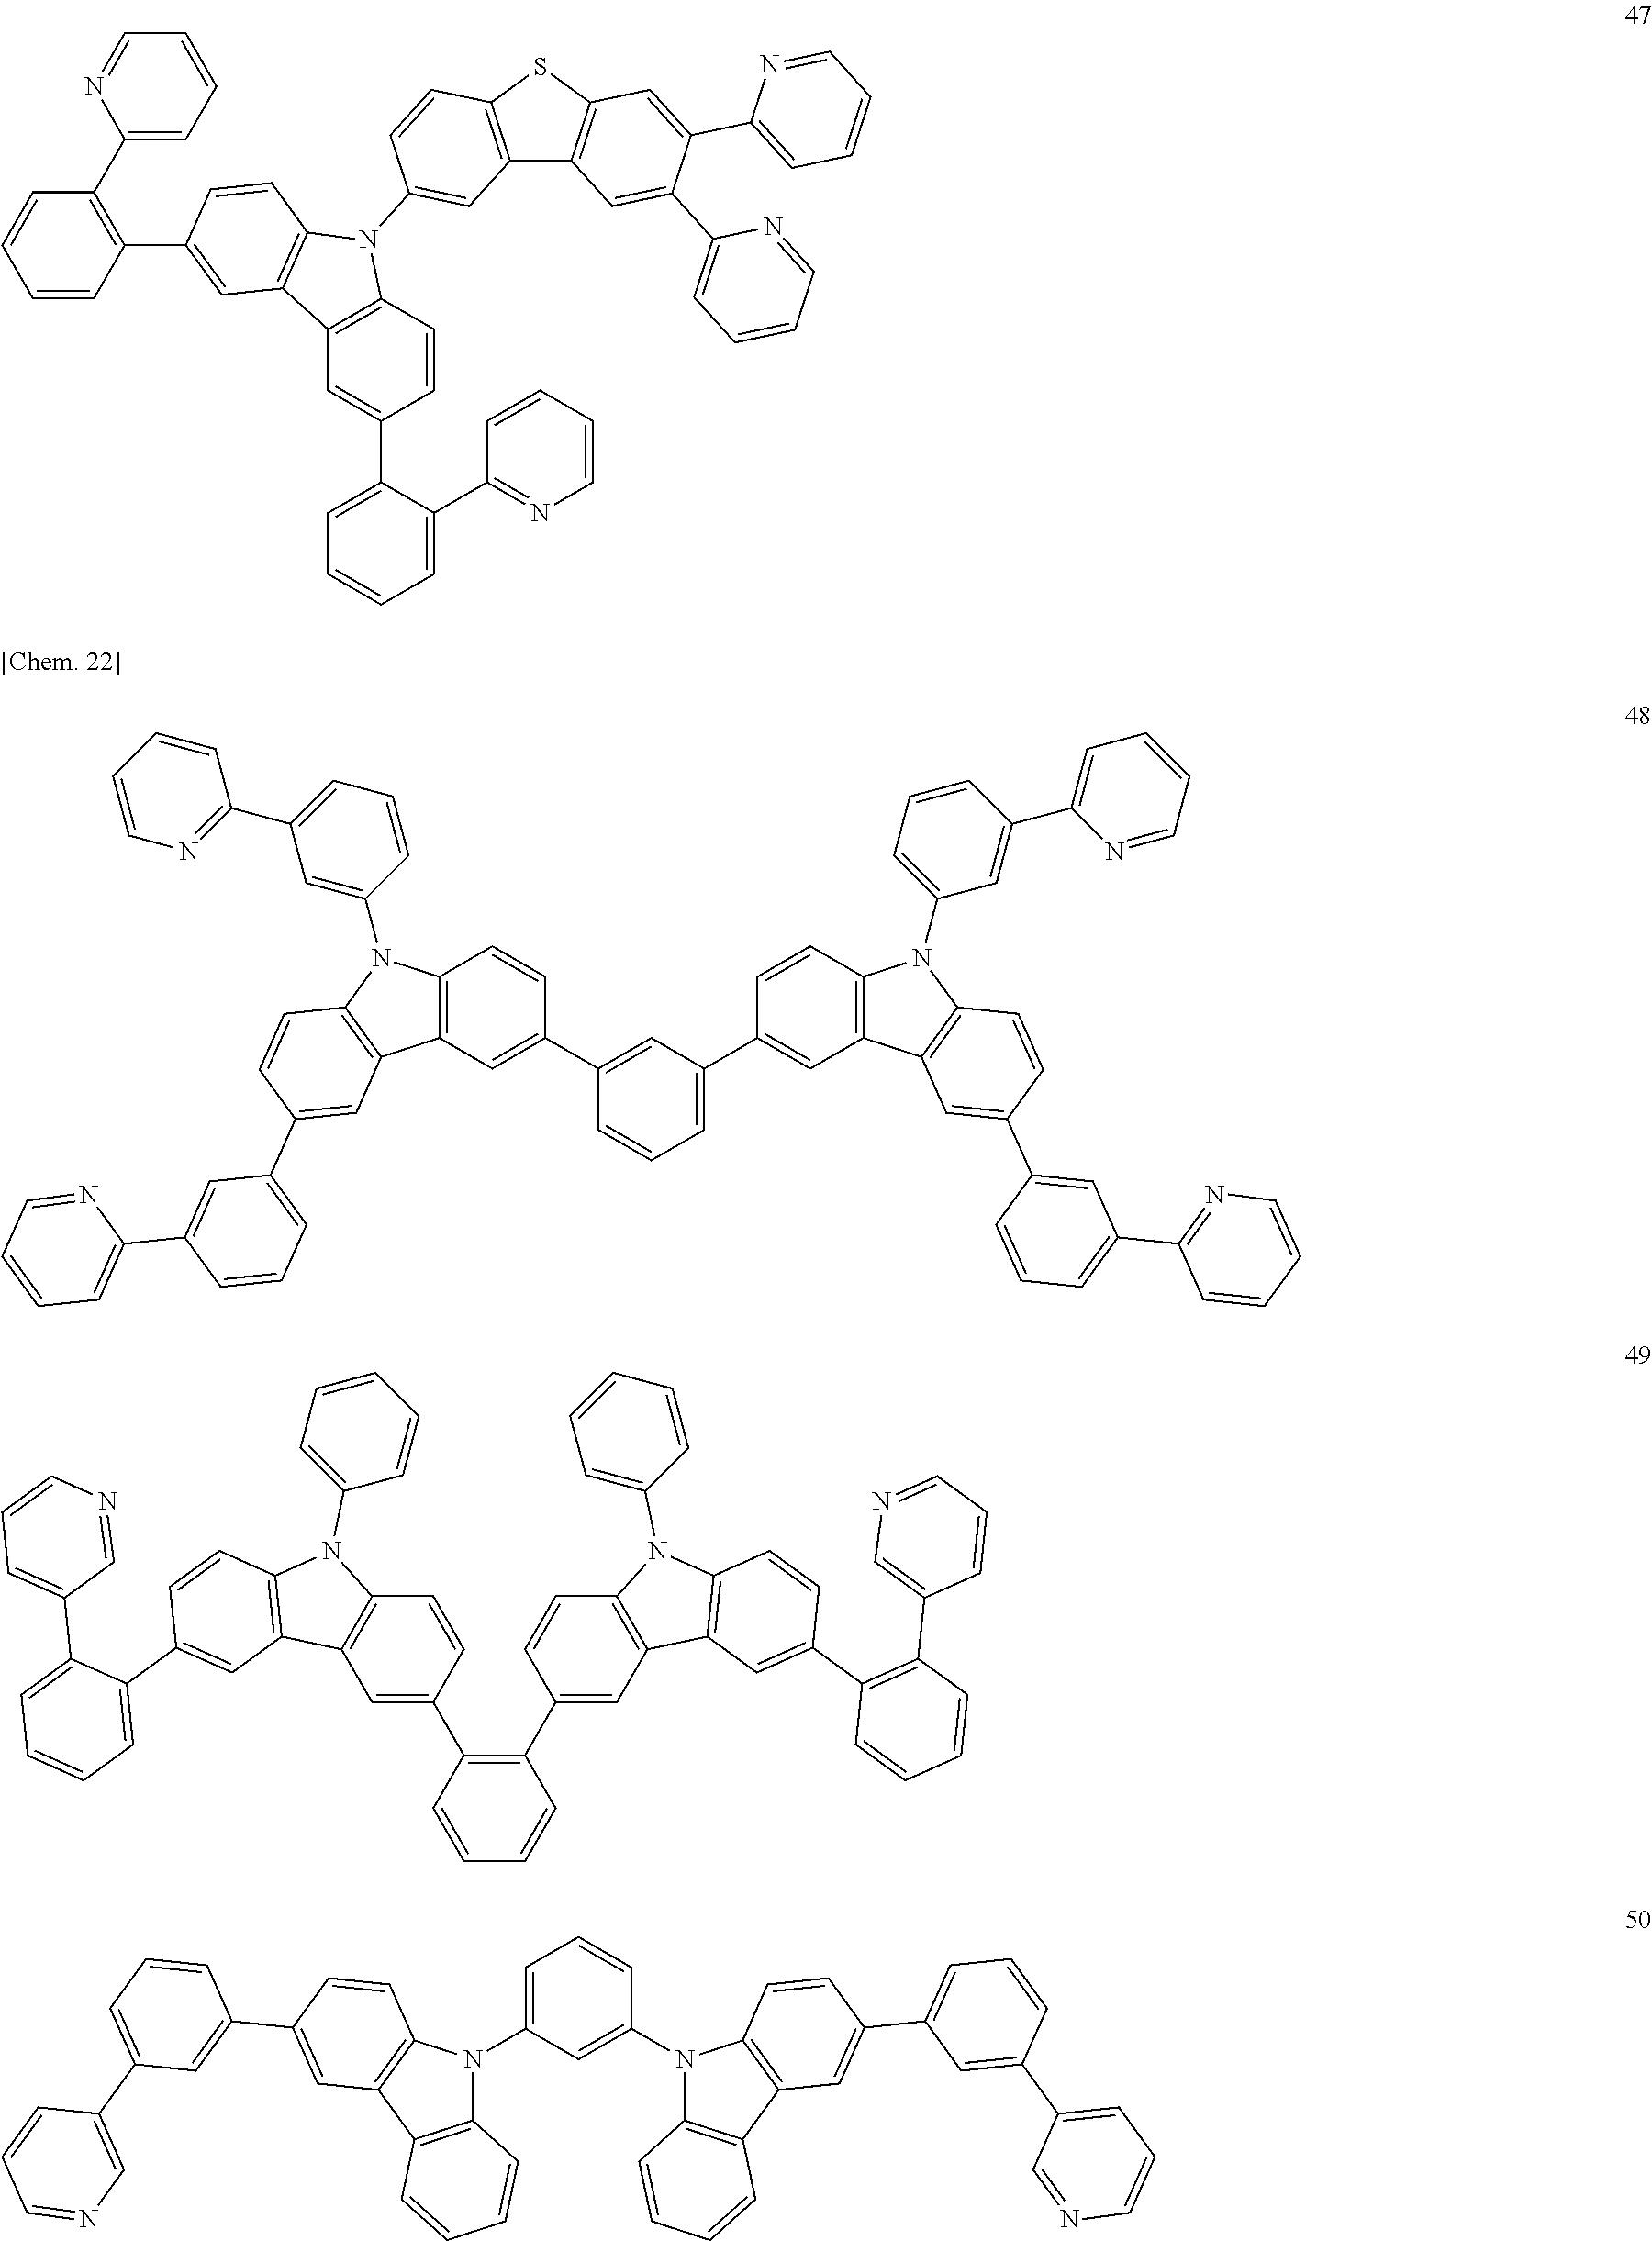 Figure US20150303398A1-20151022-C00022